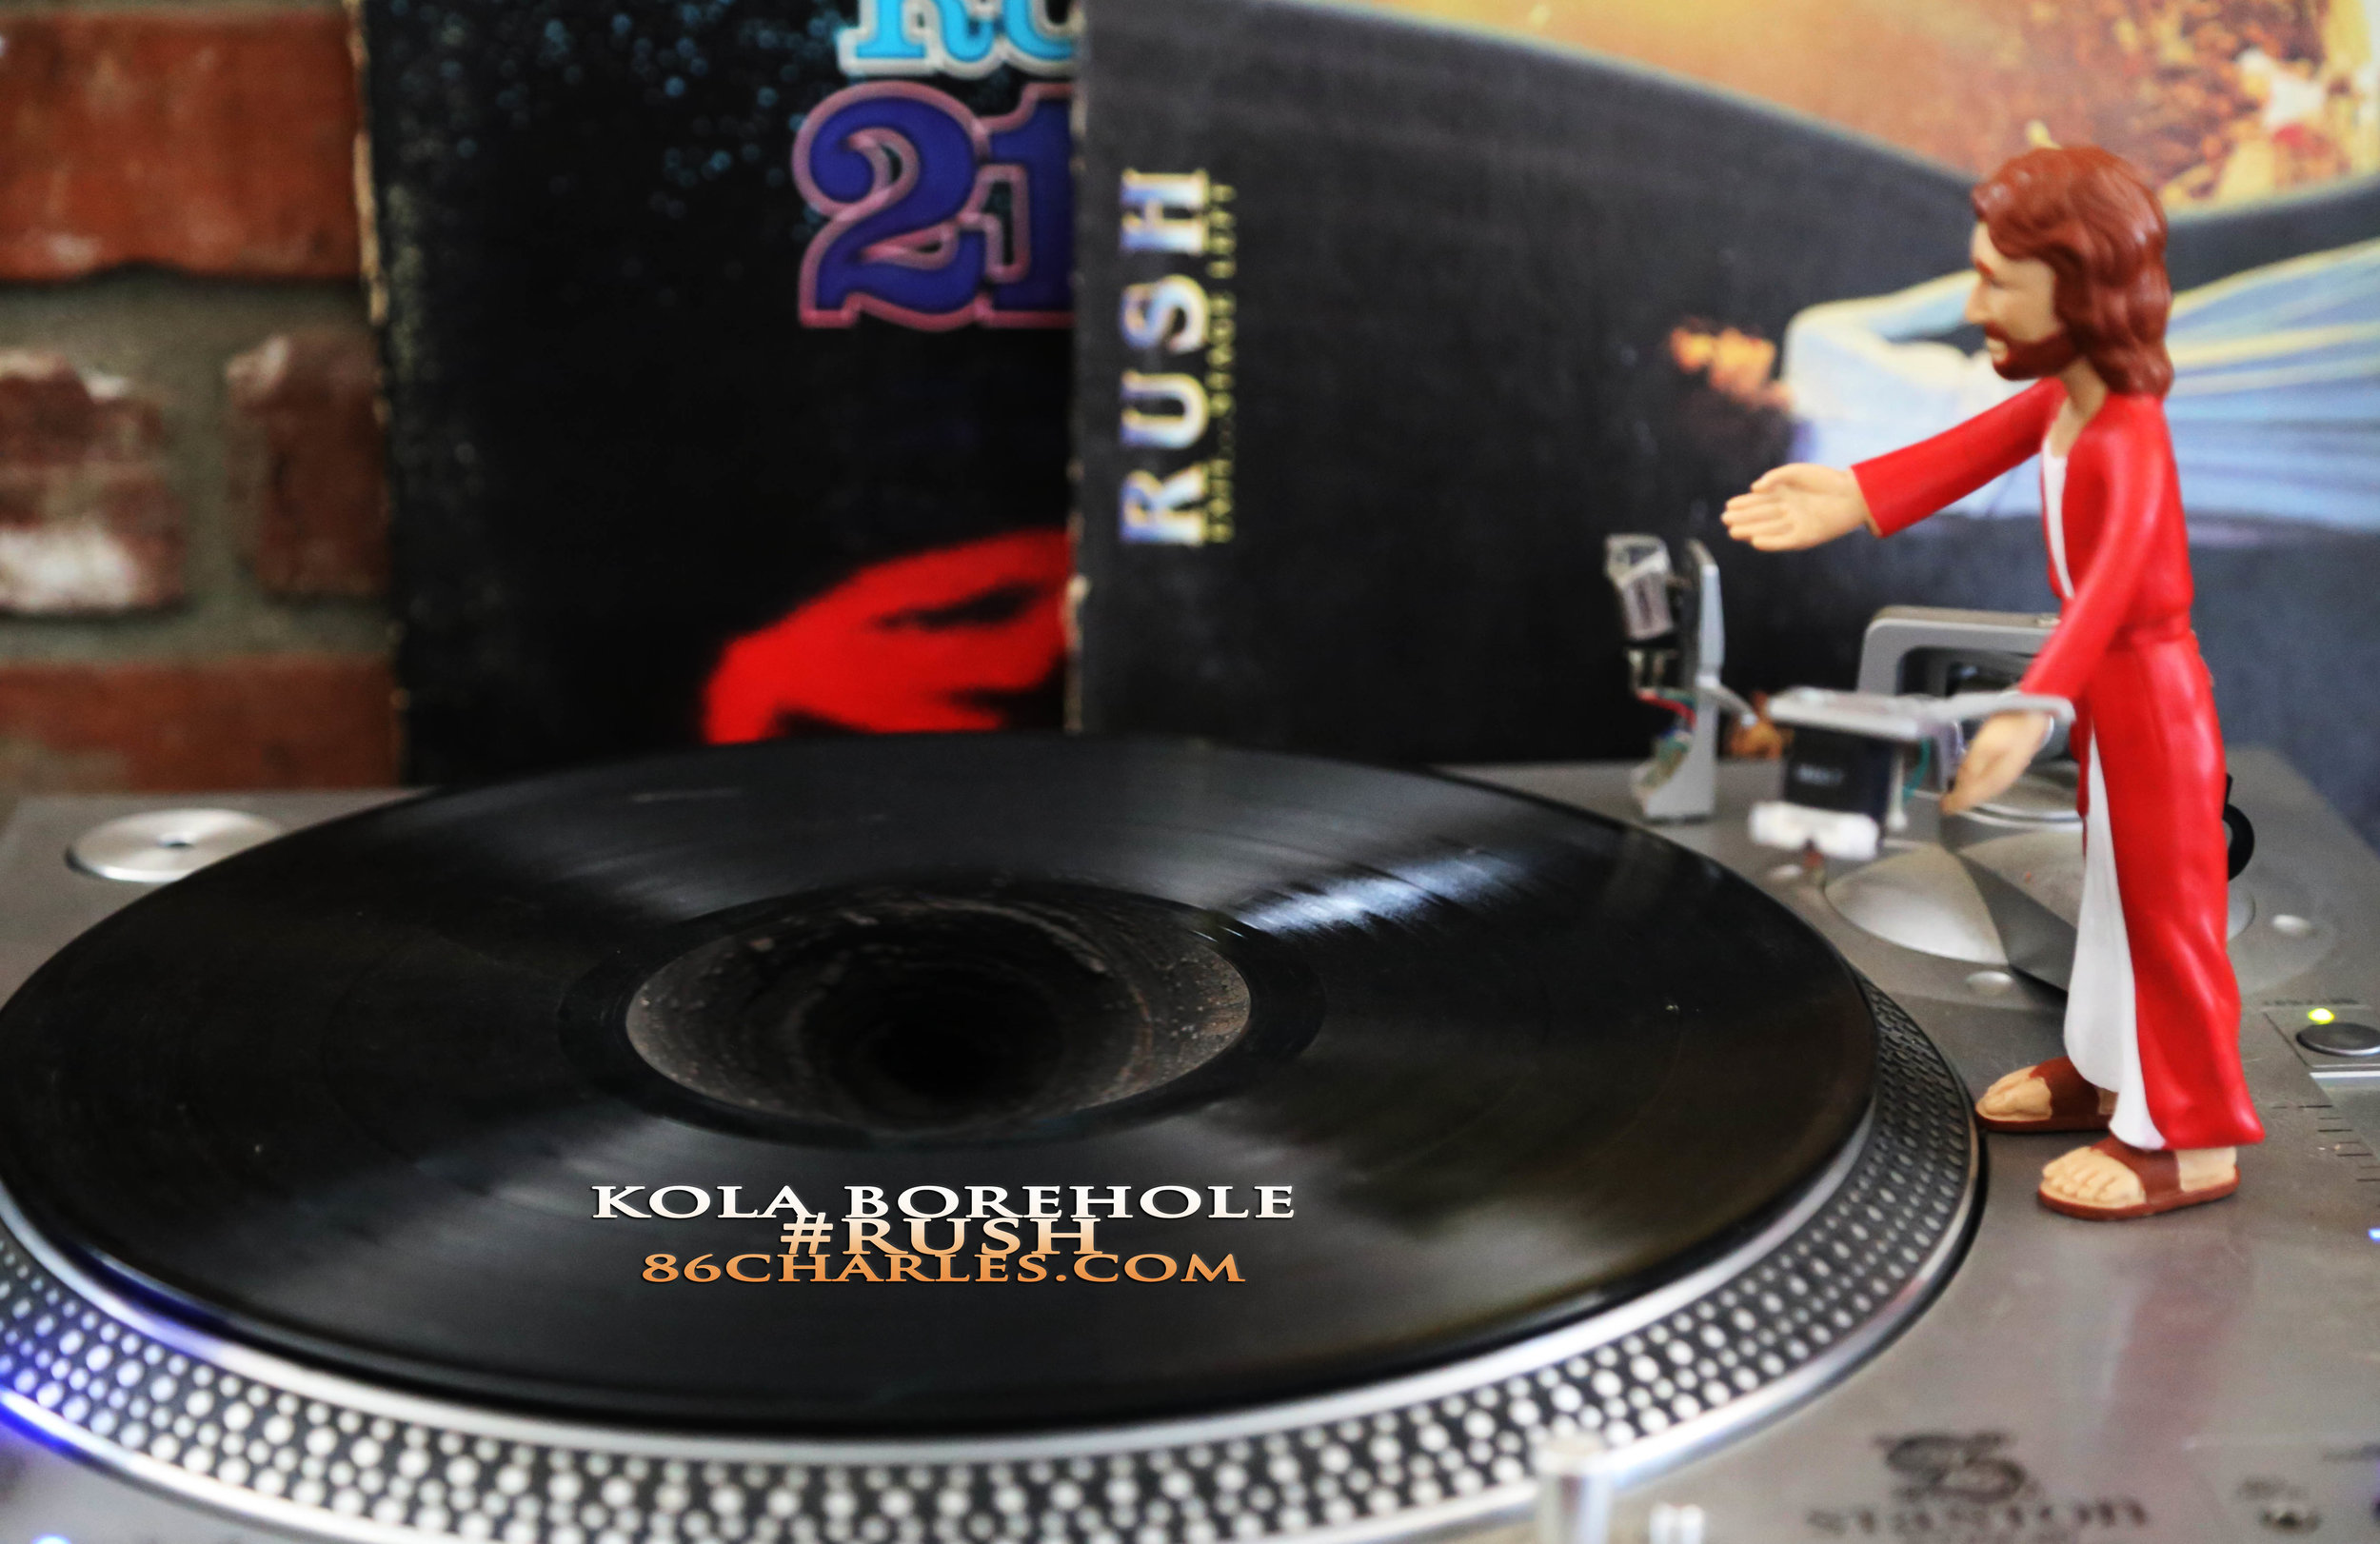 Kola Borehole #Rush